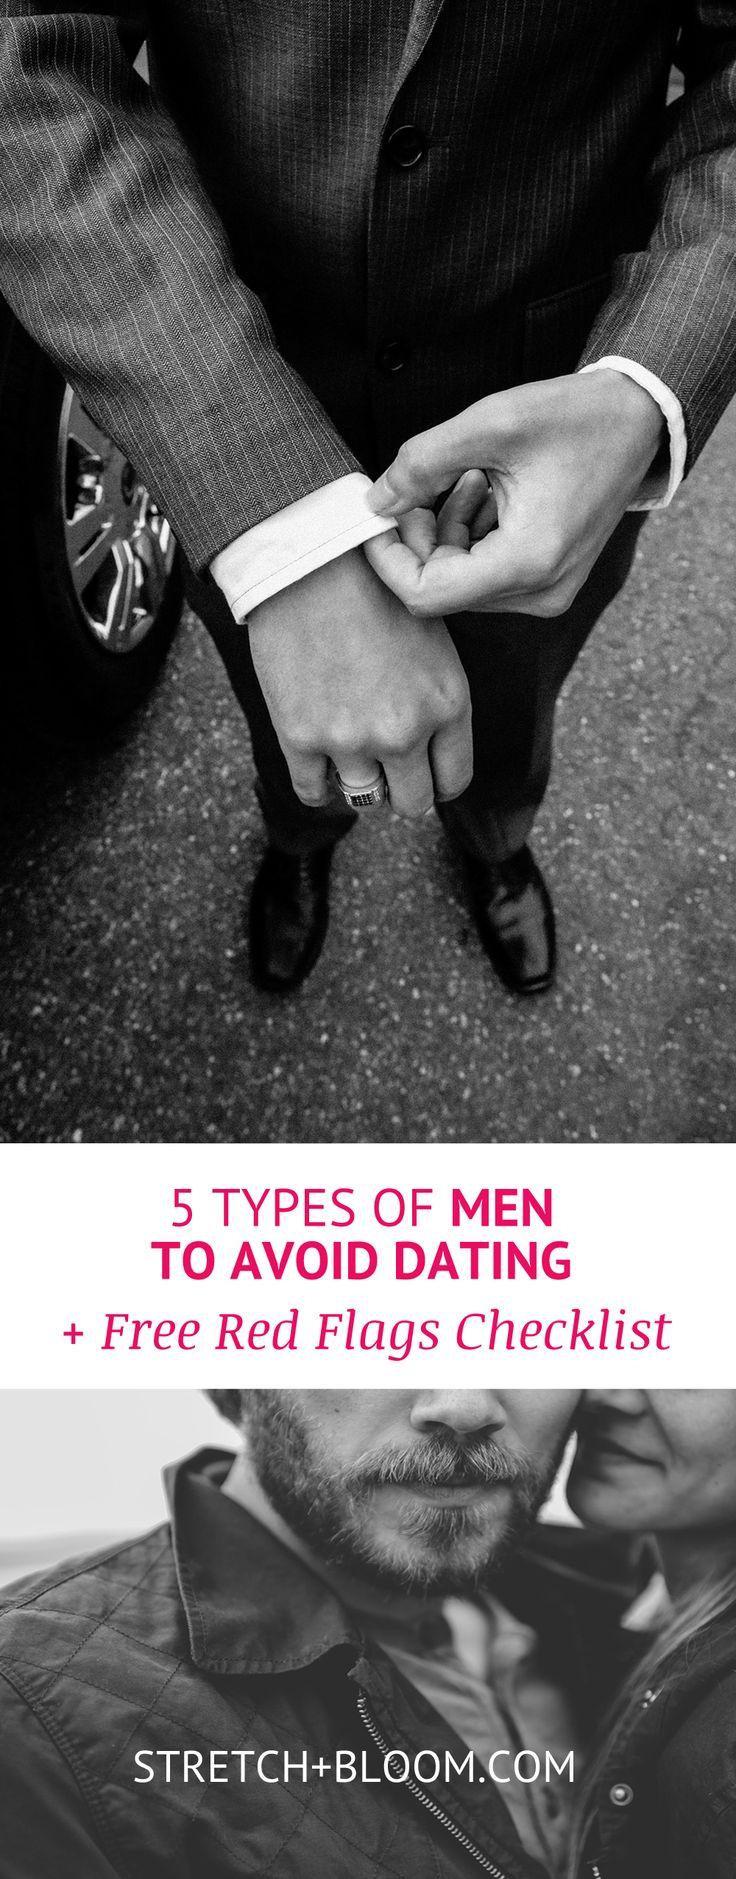 5 types of men to avoid dating + 20 dating red flag bonus